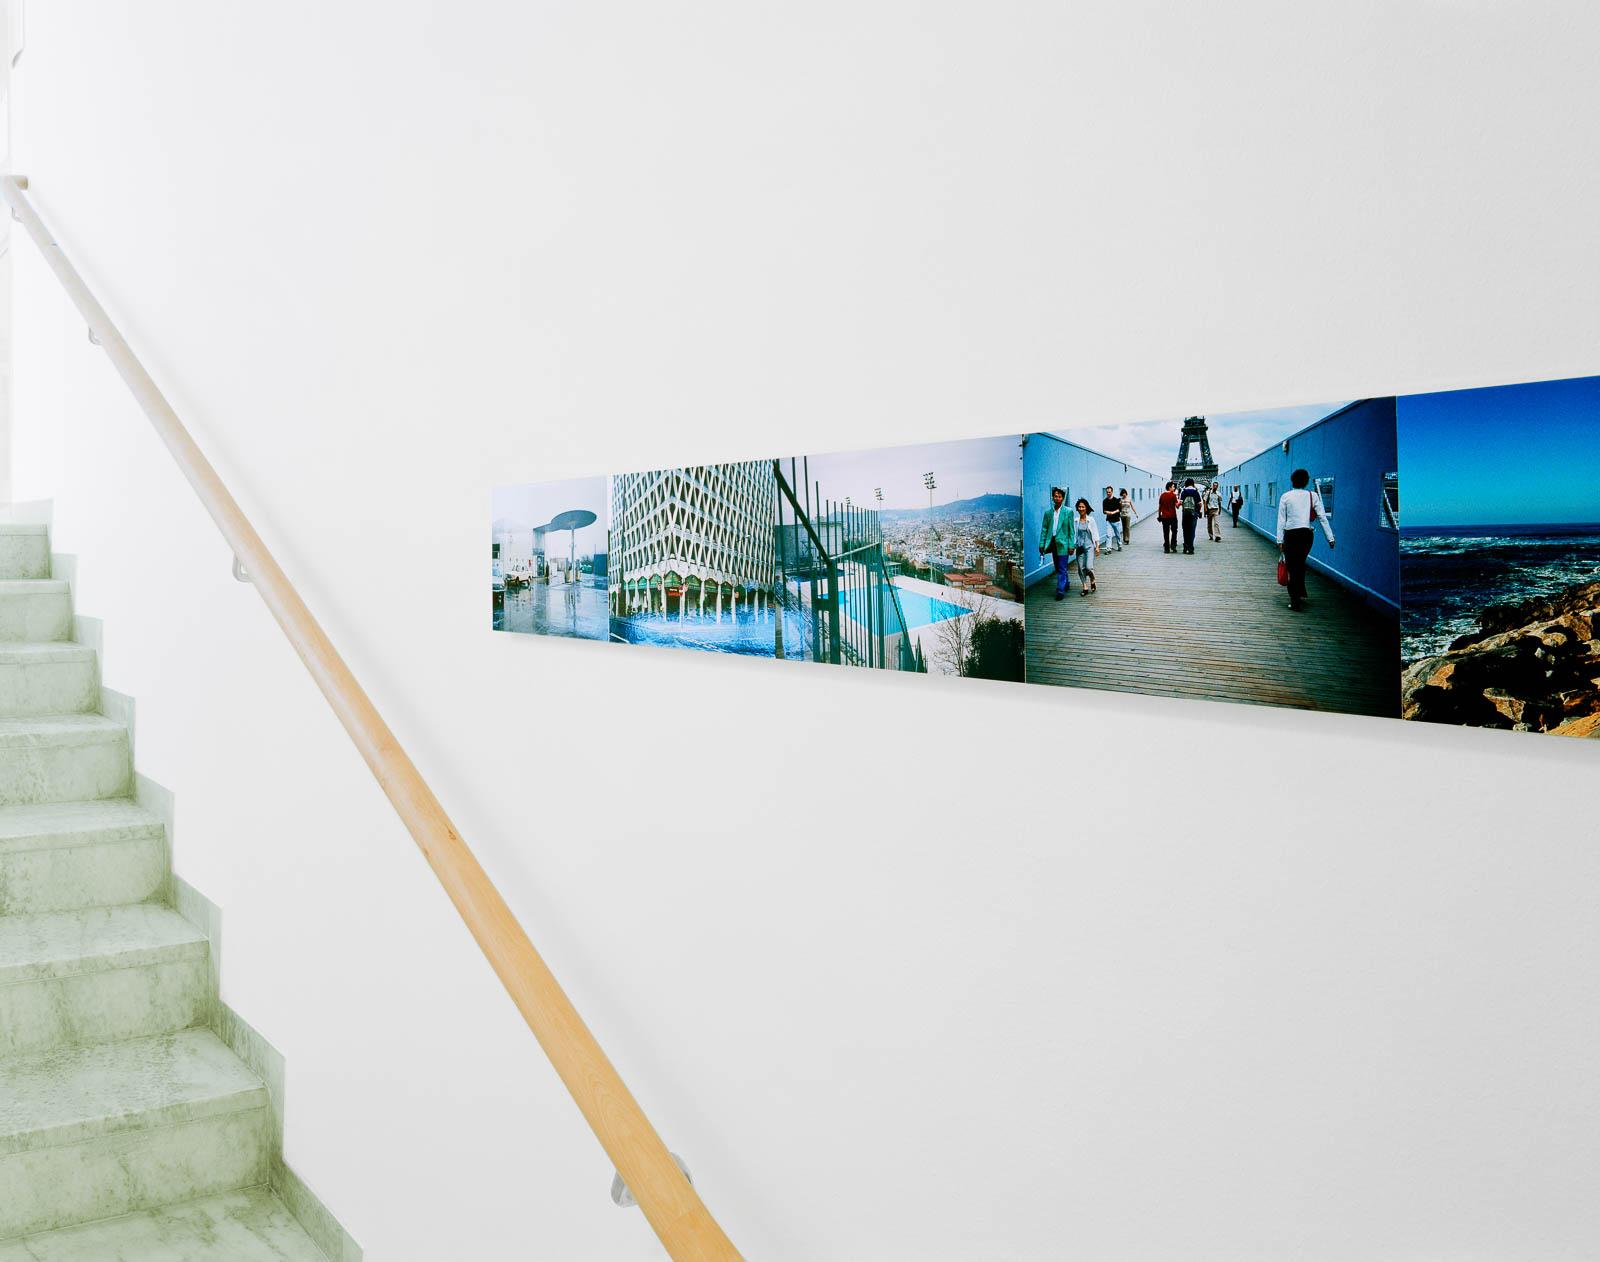 Del av sammanhängande fotoserie i trapphus. På en bild skymtar Eiffeltornet, på en annan en inhägnad badbassäng och ett mycket högt hus. Franz Ackermann, Travelling North, (2007).